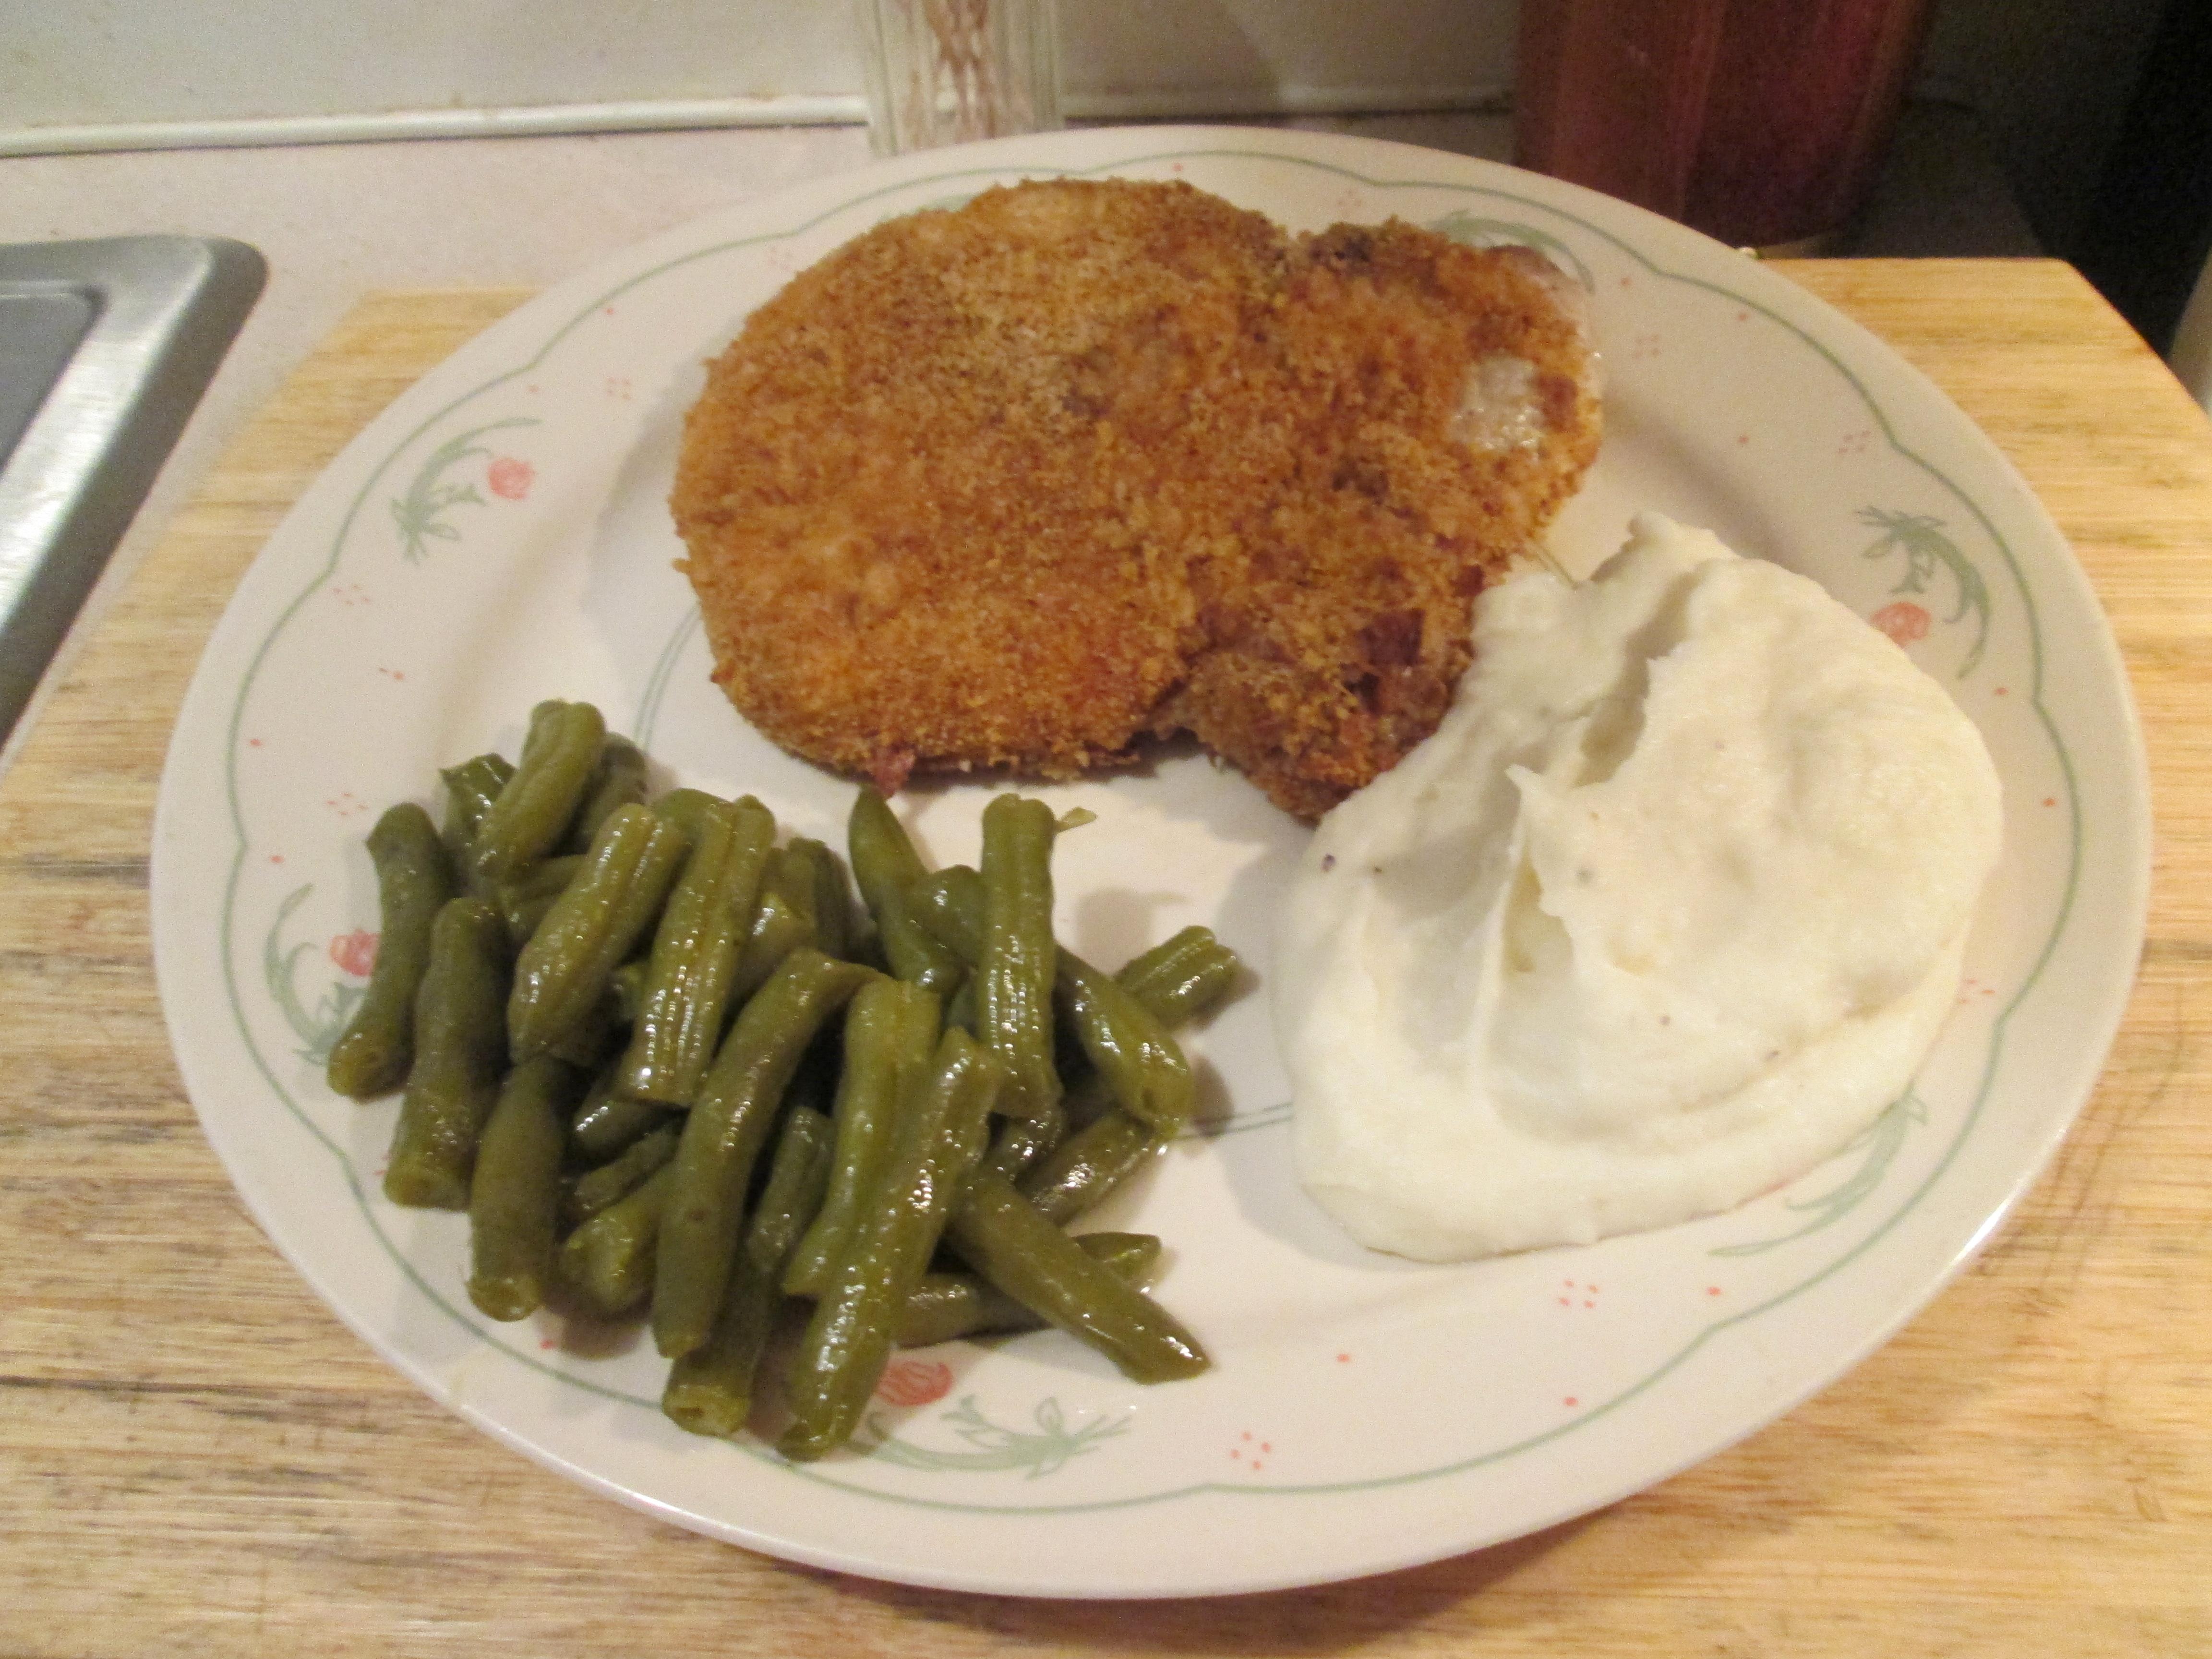 Pork chop and mashed potato recipes - Pork man recipes